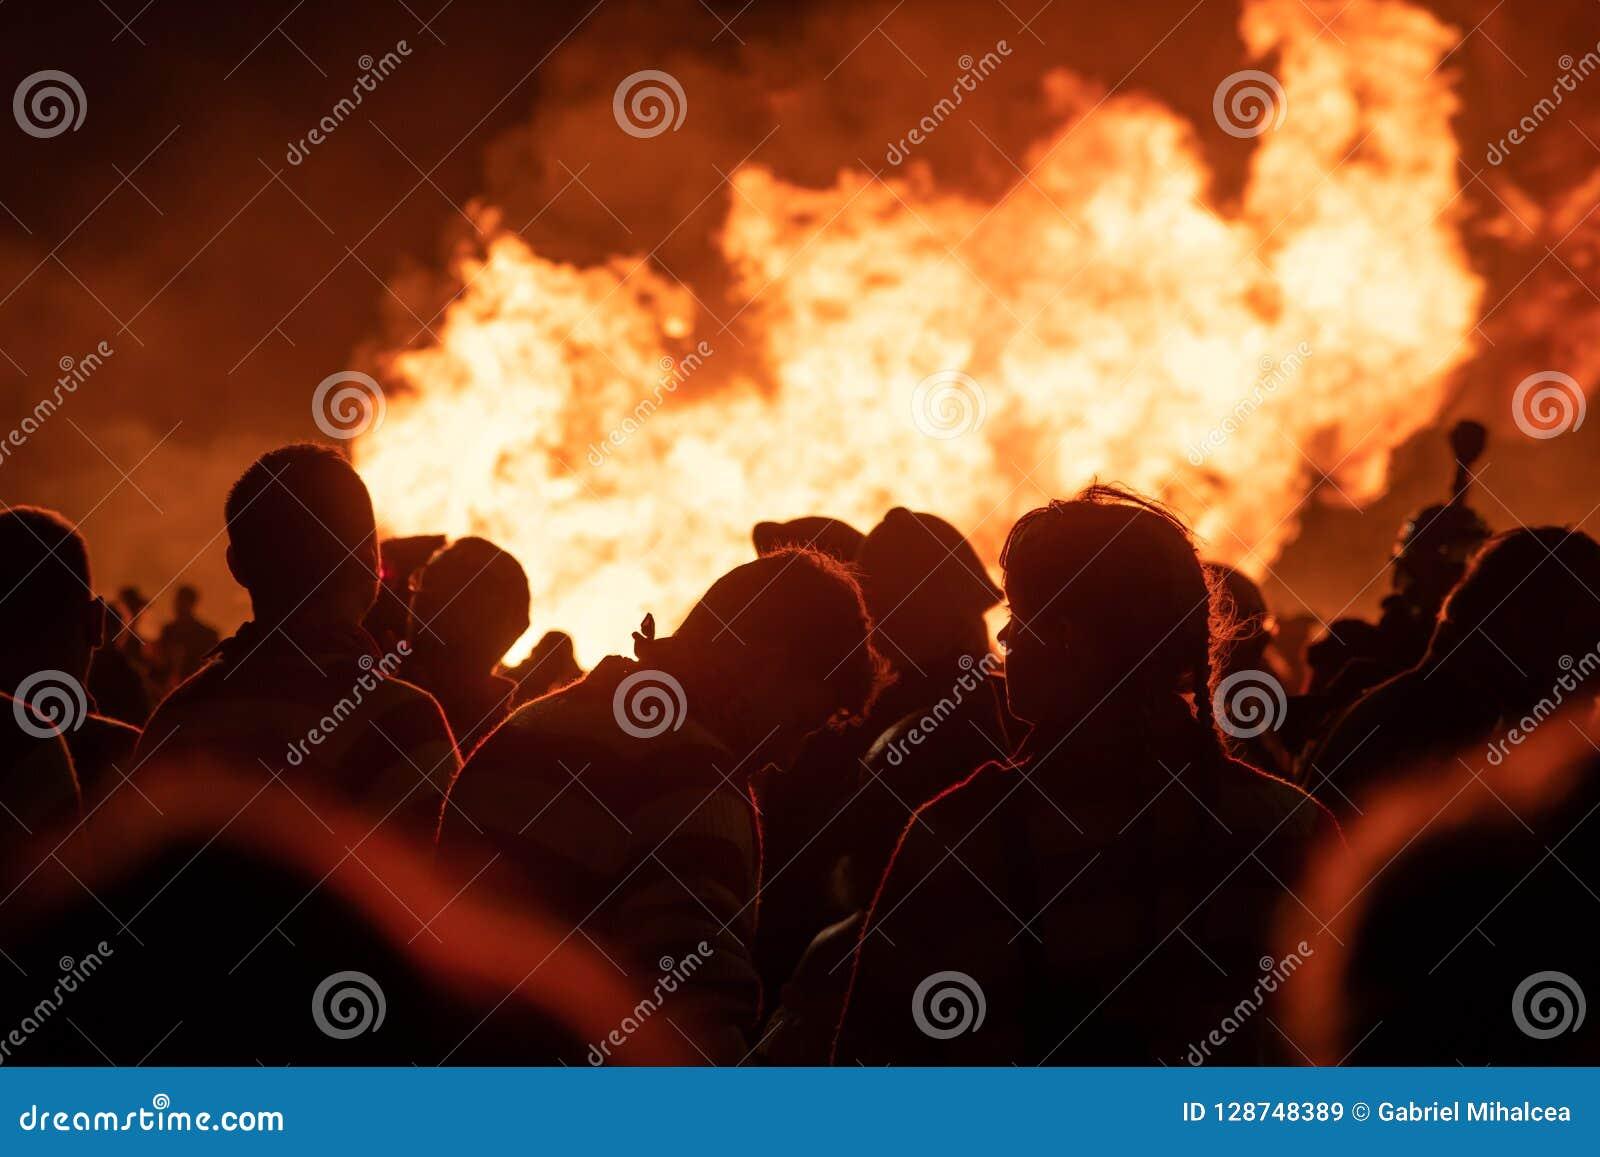 Hastings, 10/13/18 - Feuernacht, Menge von Leuten vor